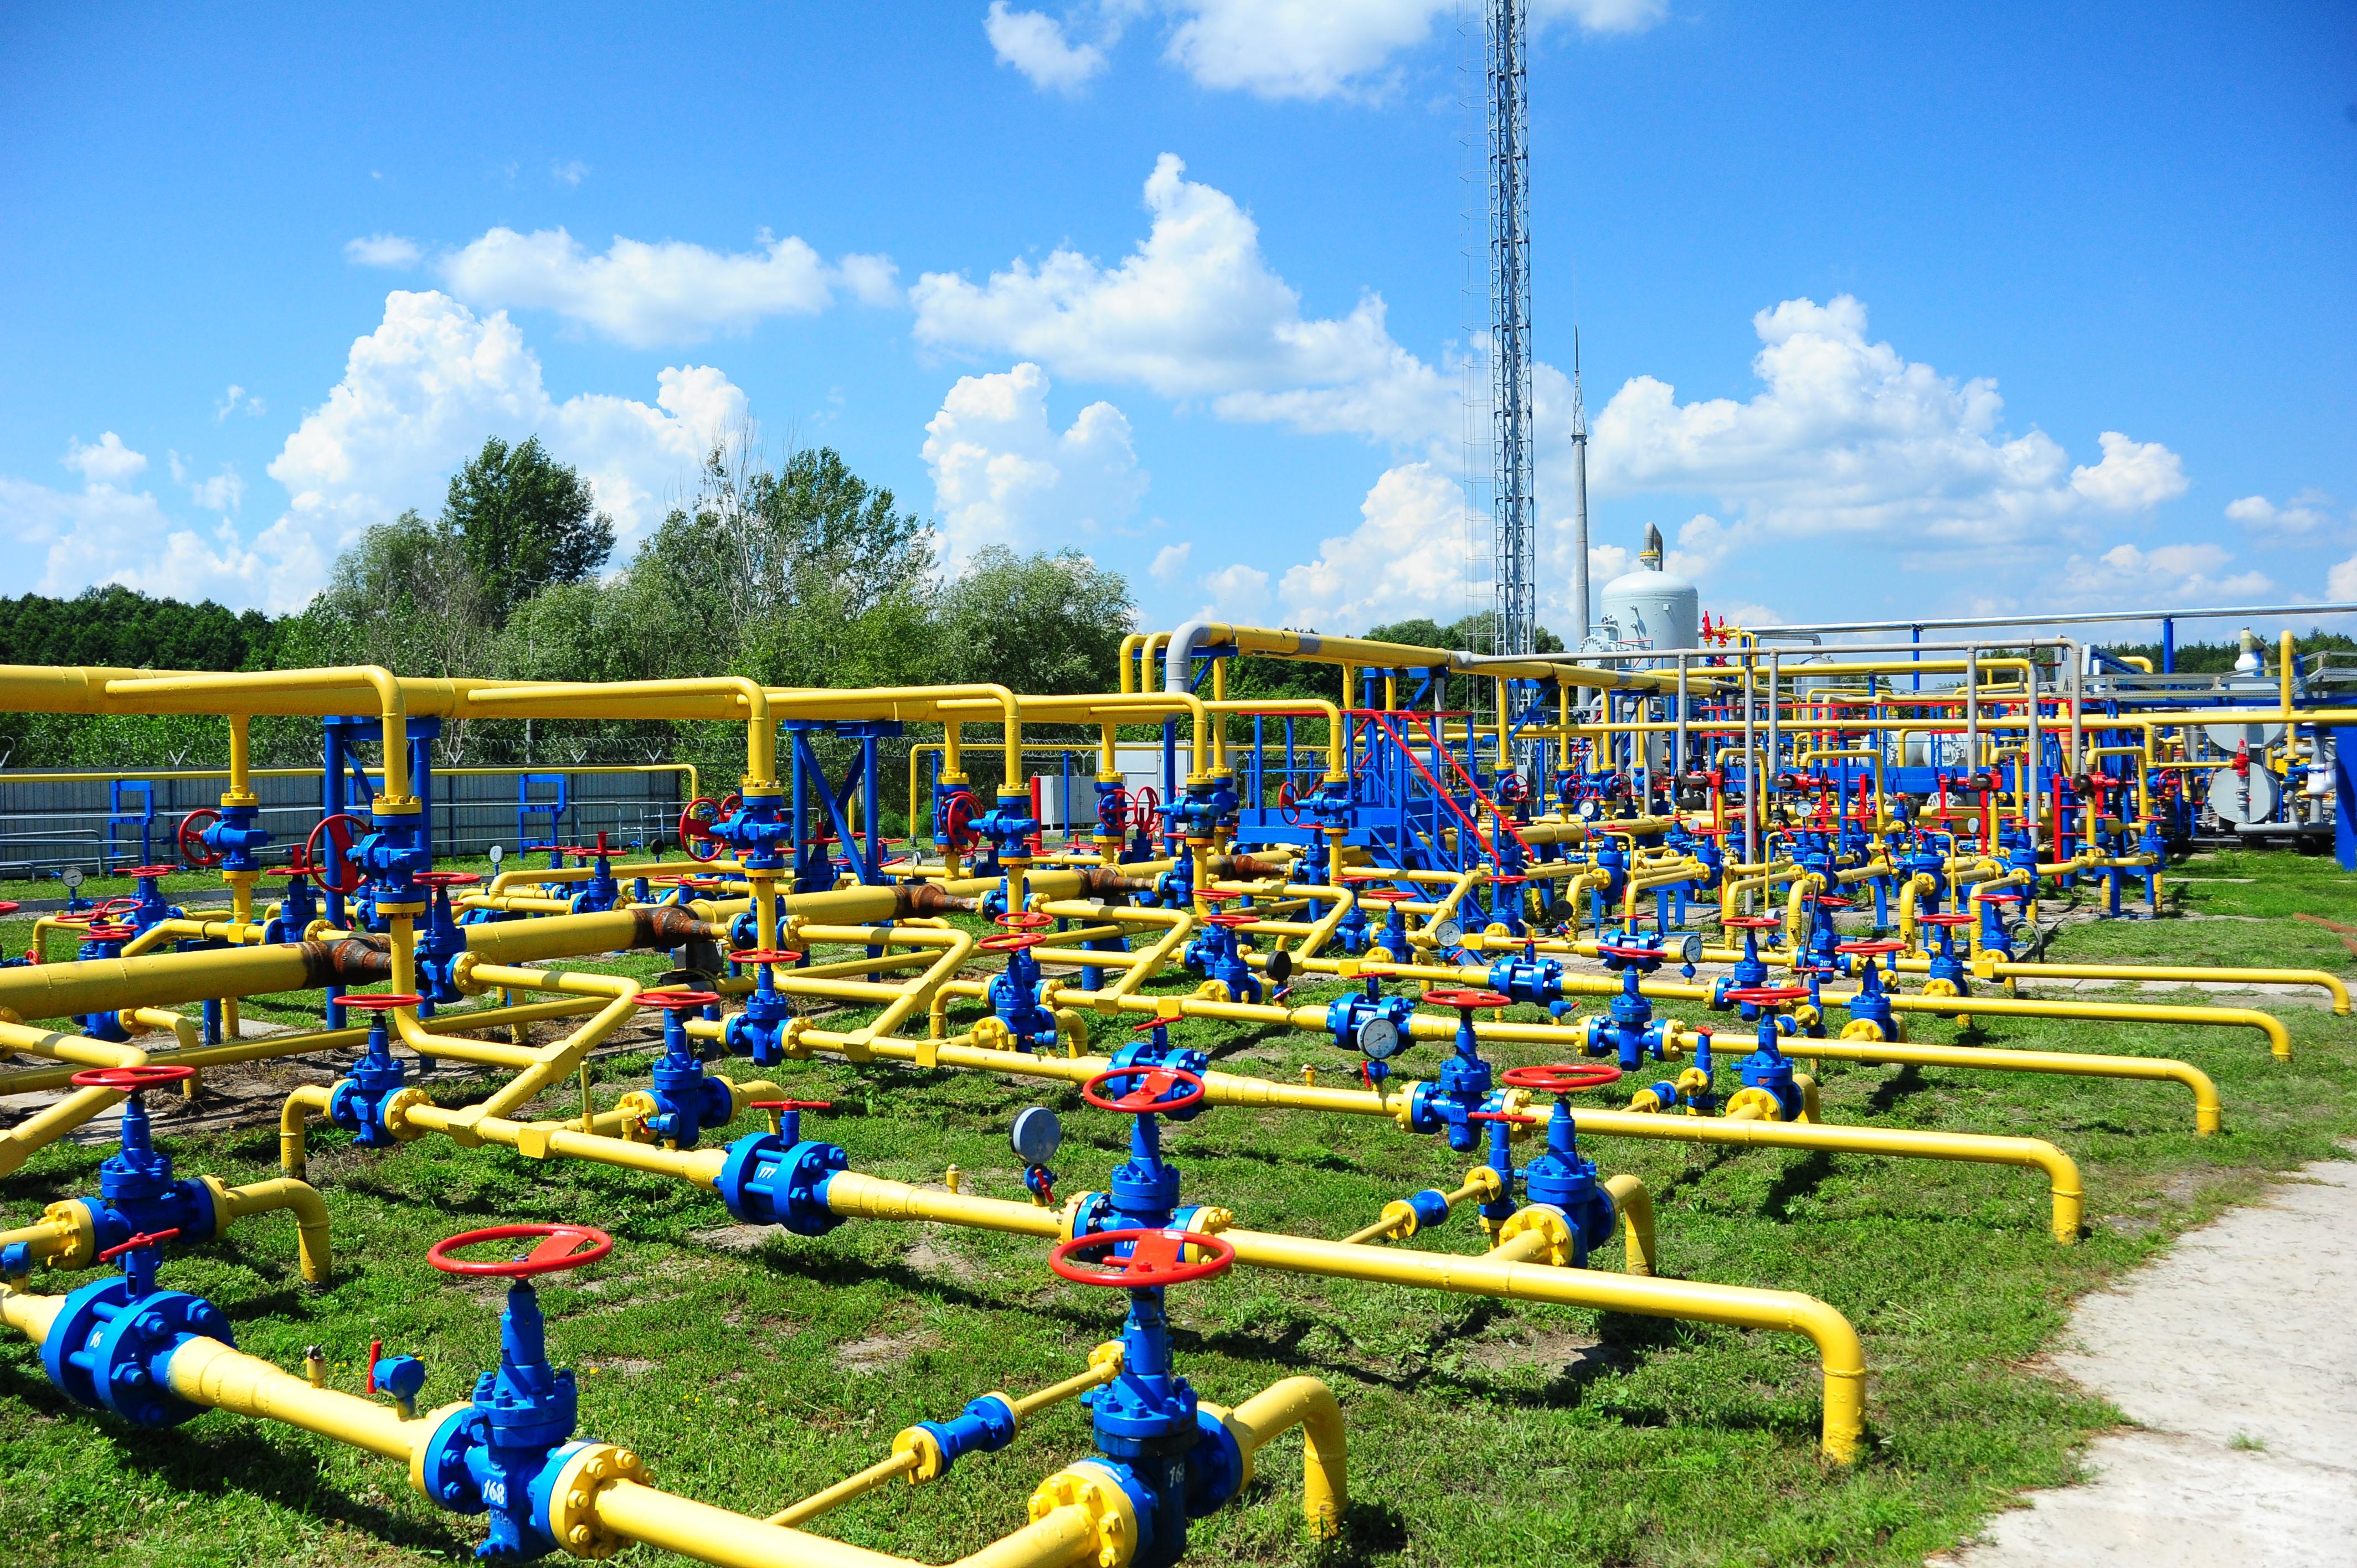 Розірвання договору про СД з «Карпатигаз» та Misen дозволить збільшити обсяги реалізованого газу для населення щонайменше на 300 млн м3 на рік